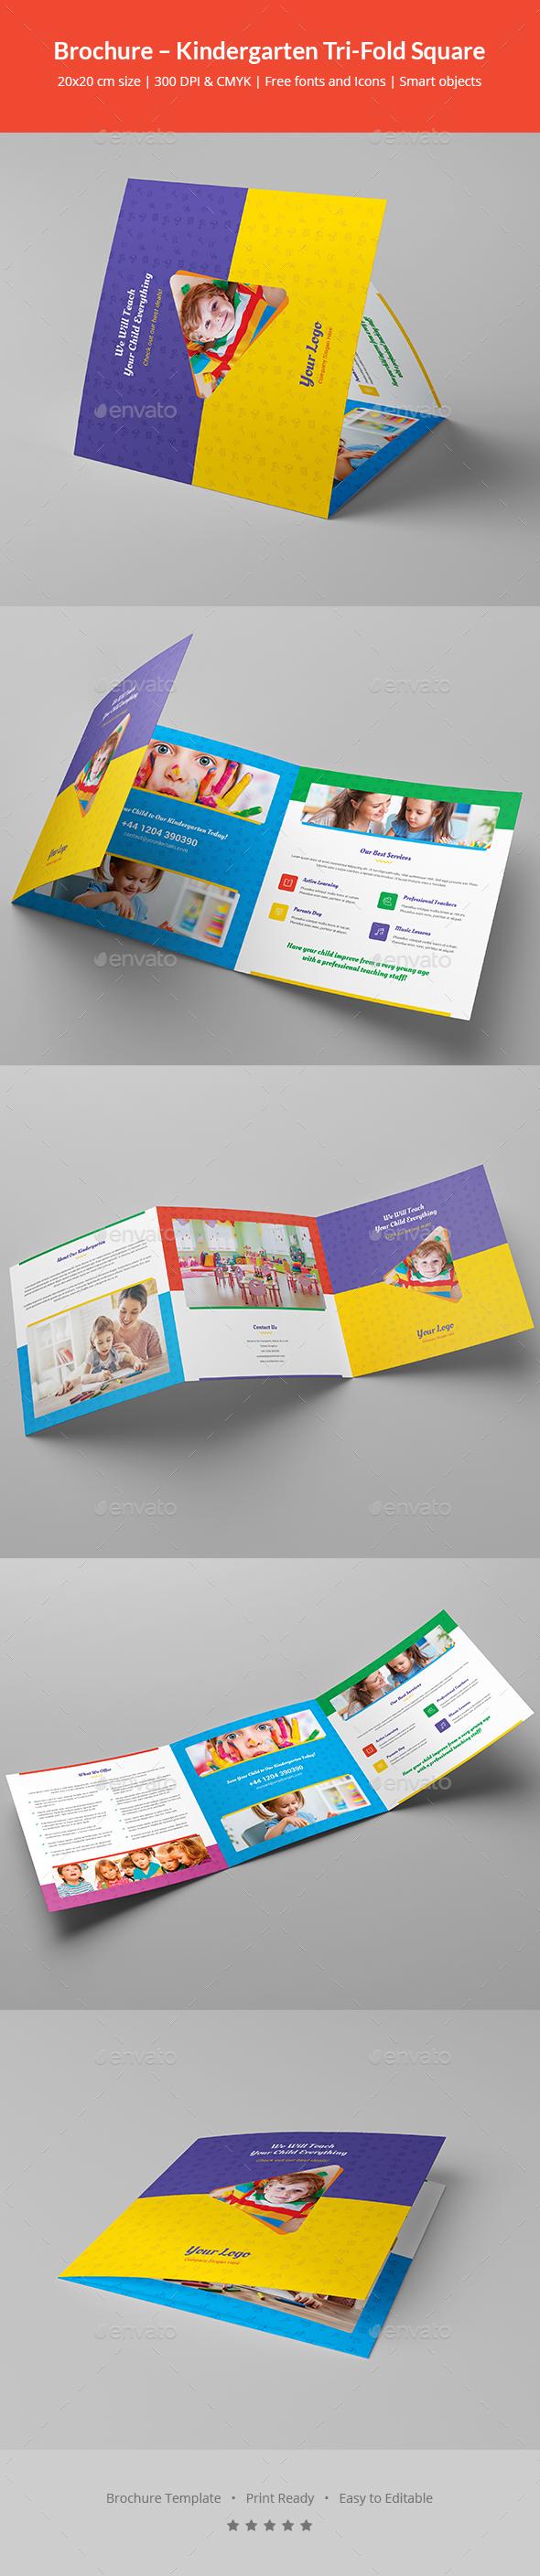 GraphicRiver Brochure Kindergarten Tri-Fold Square 21029090